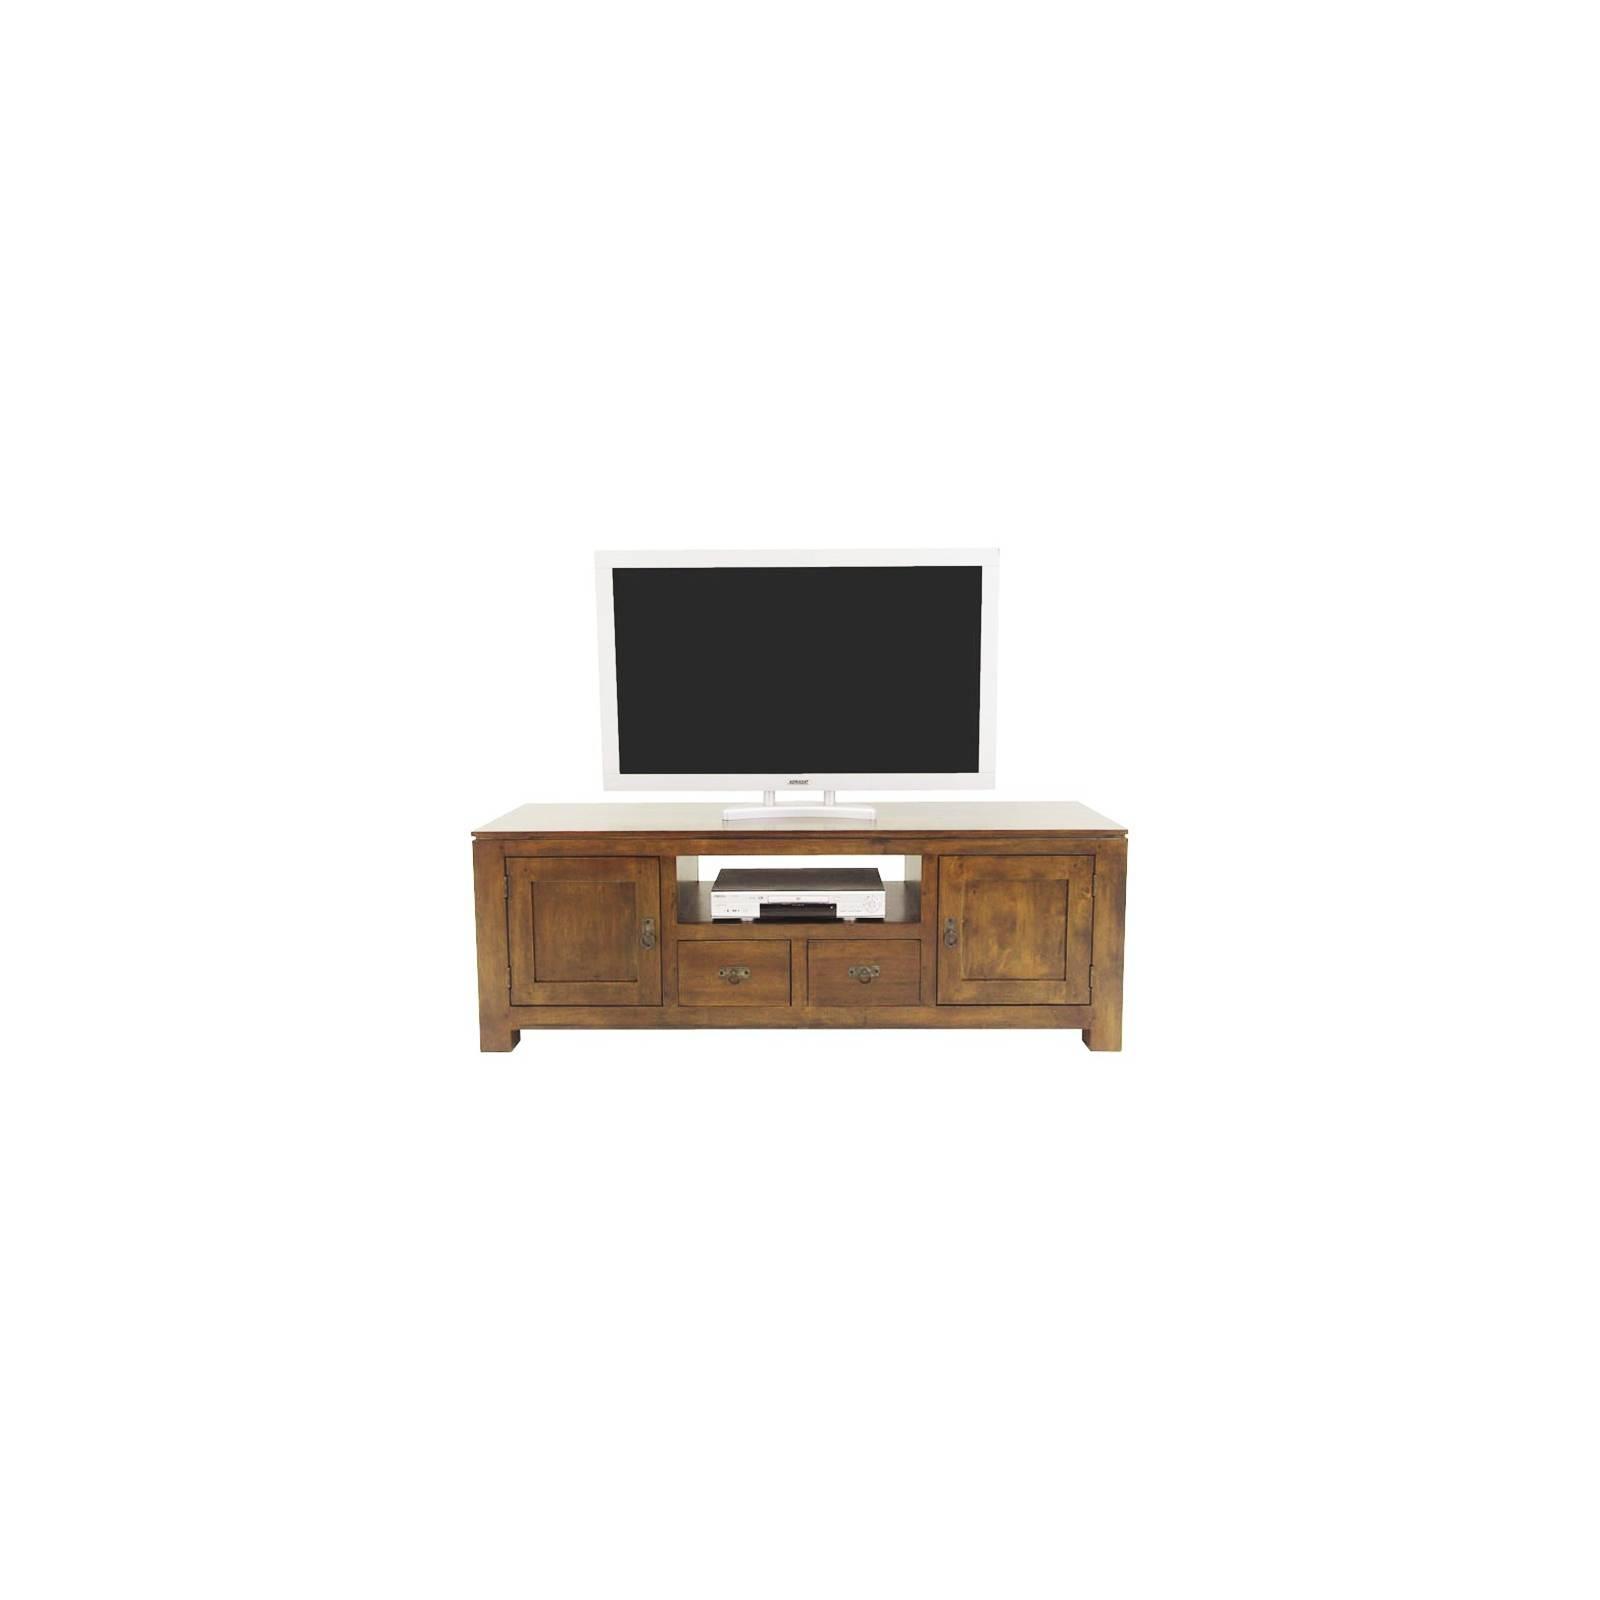 Meuble Tv Oméga Hévéa - meuble style design